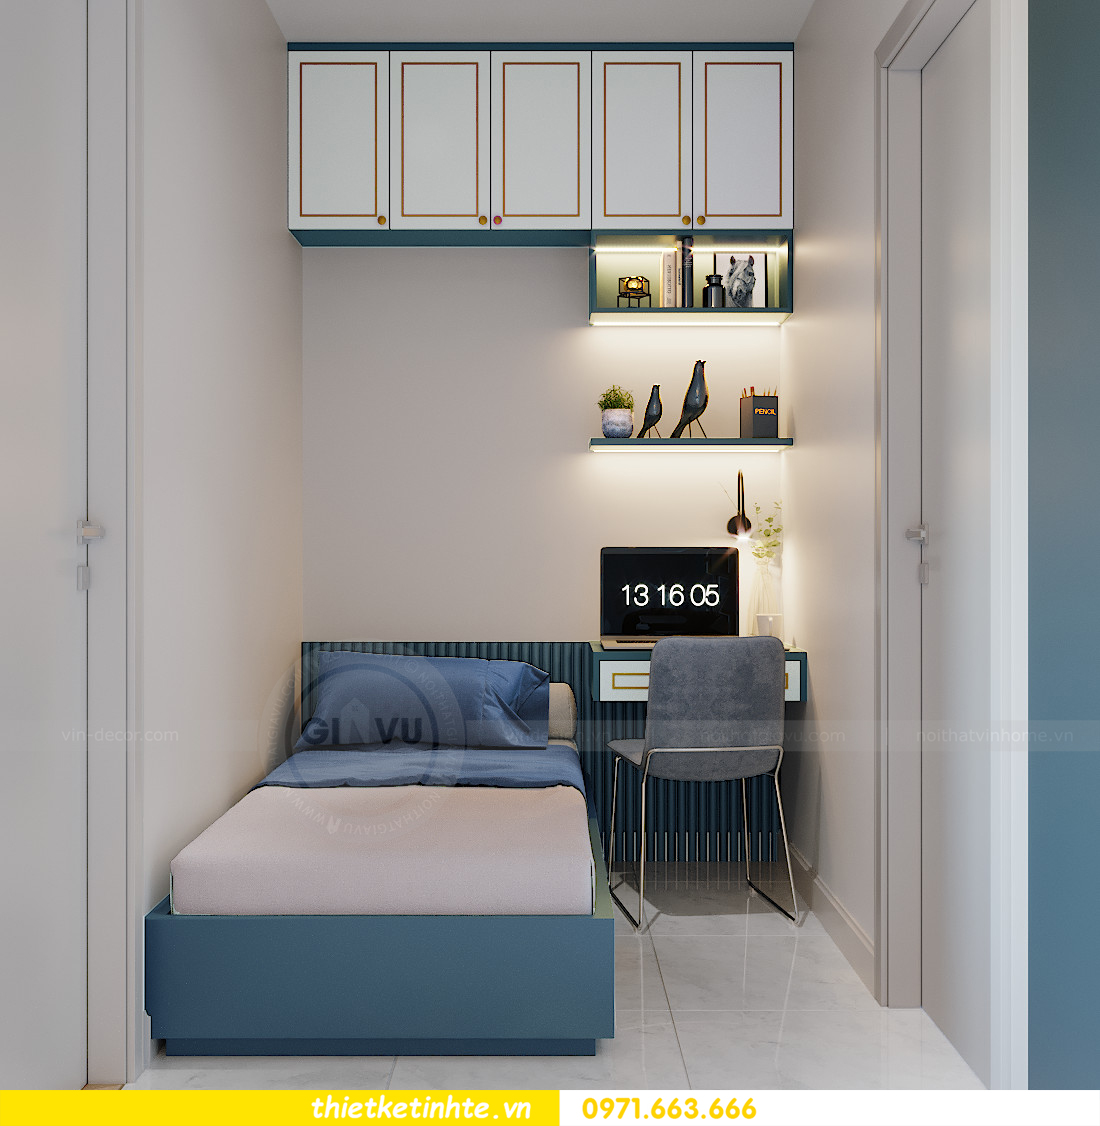 thiết kế nội thất Smart City tòa S201 căn hộ 2218 chị Quỳnh 5